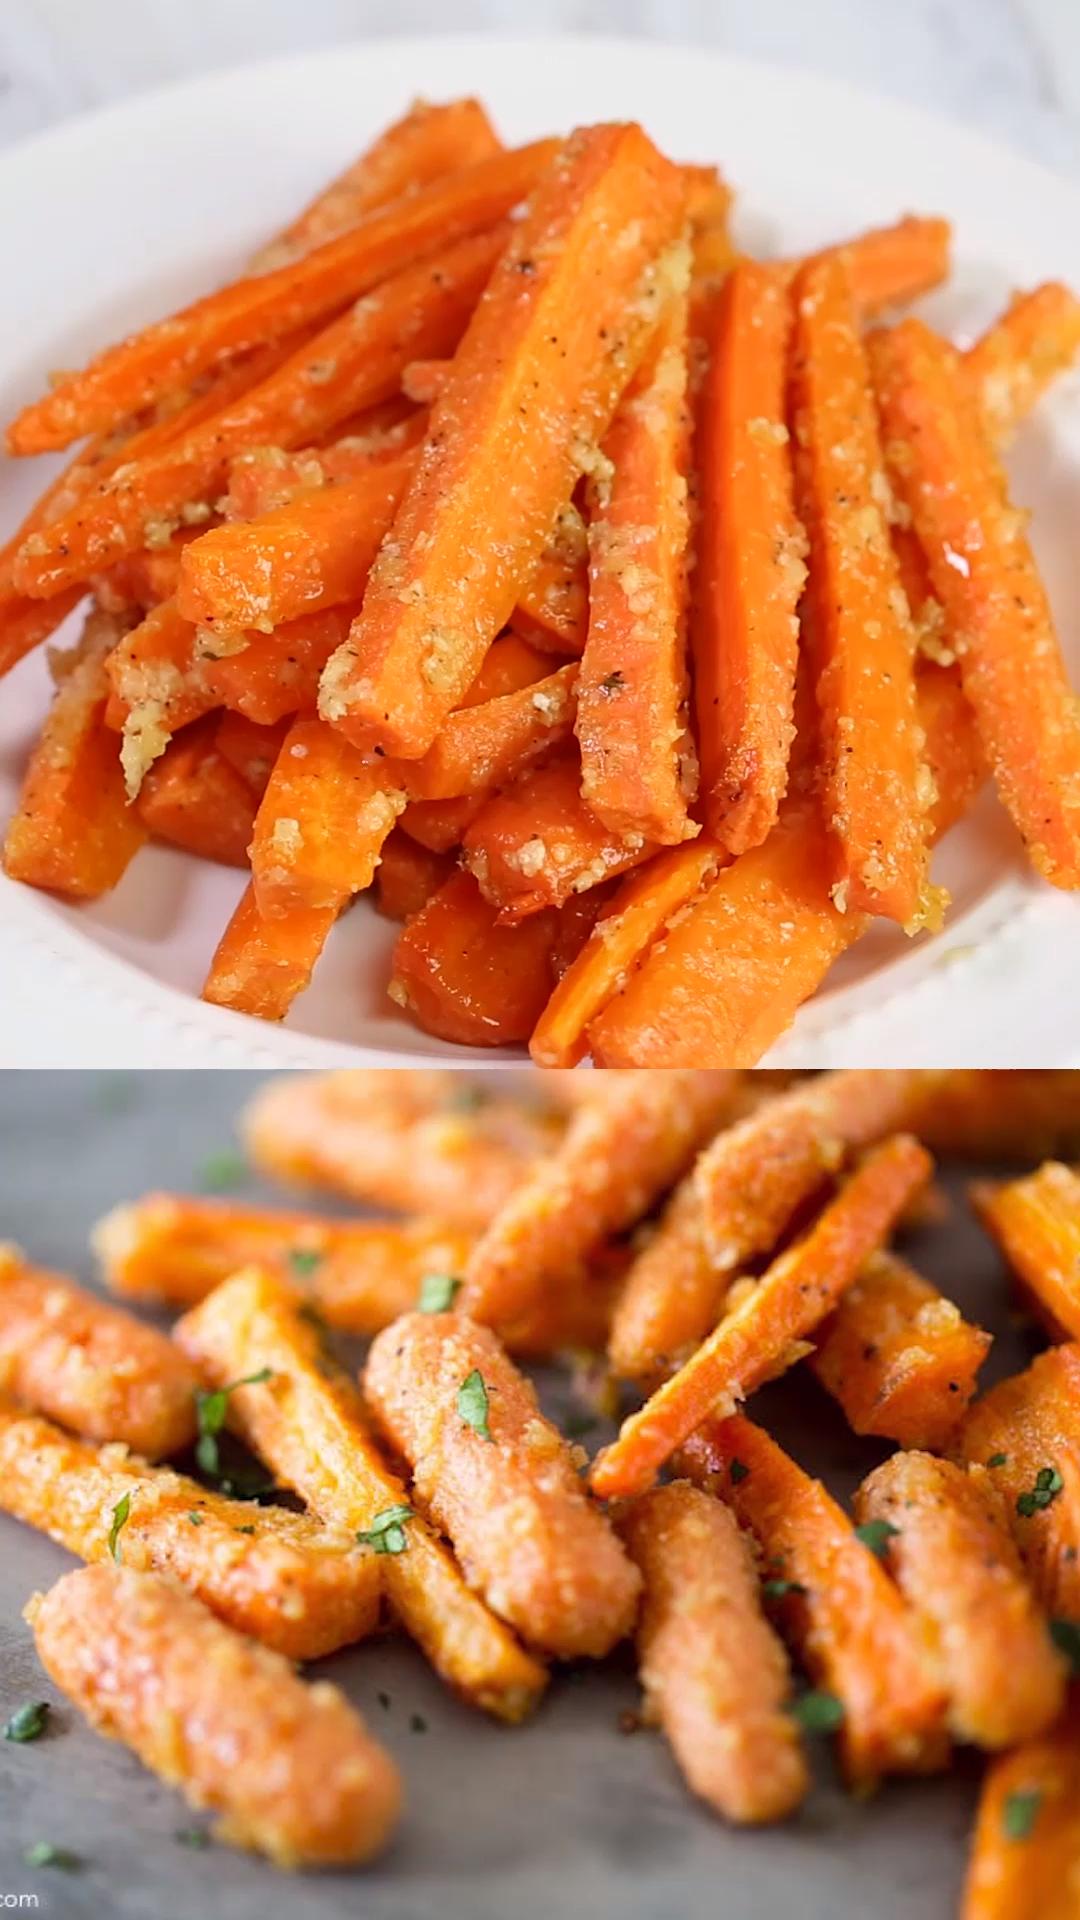 Parmesan Garlic Roasted Carrots